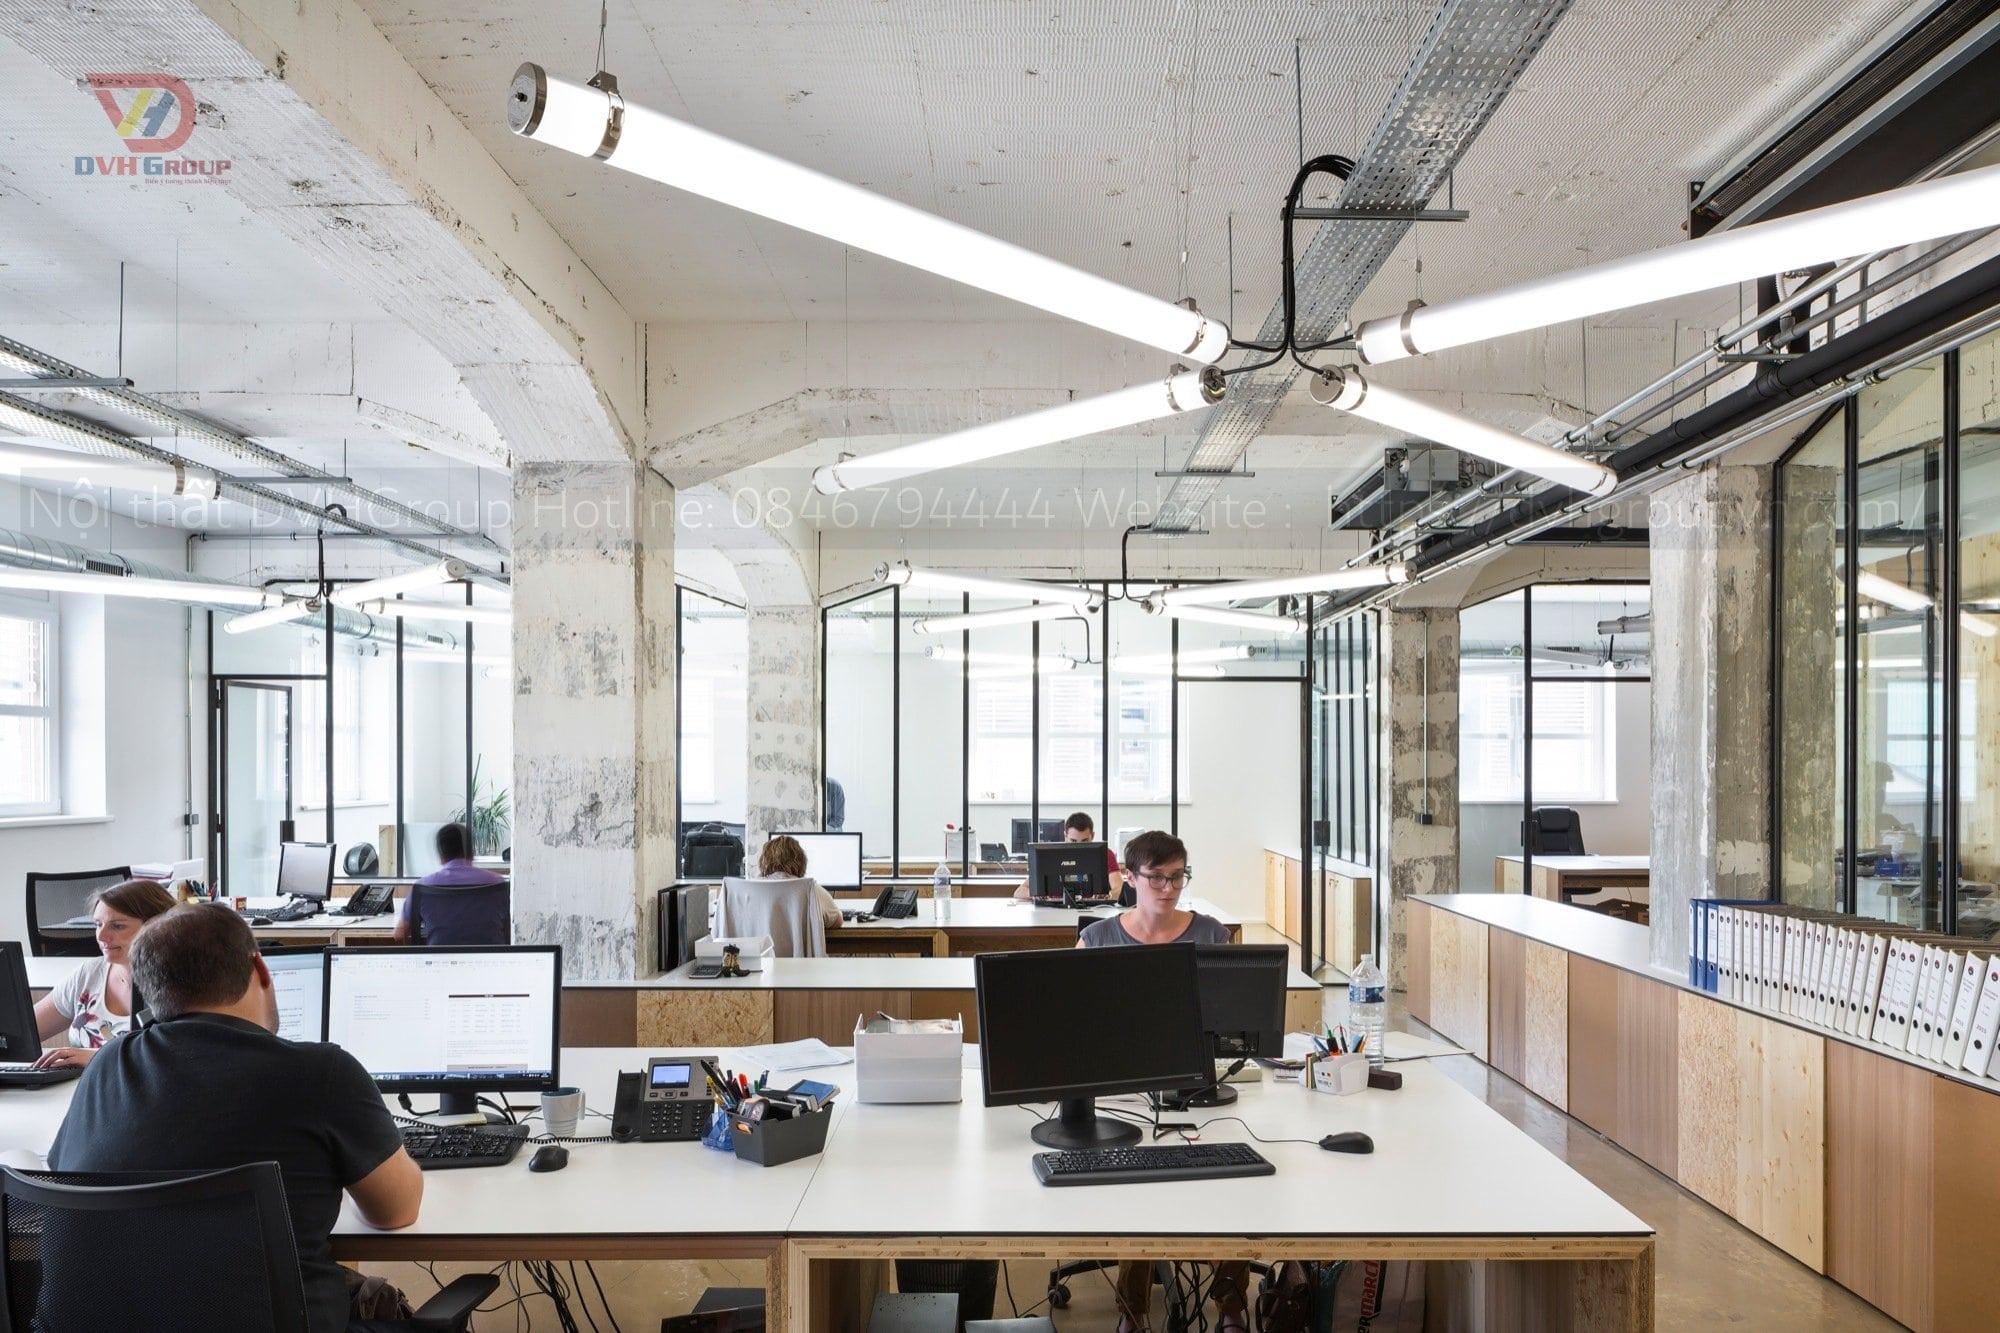 Công Ty Thiết Kế Nội Thất Tại Tỉnh Đồng Nai - Thiết kế nội thất văn phòng